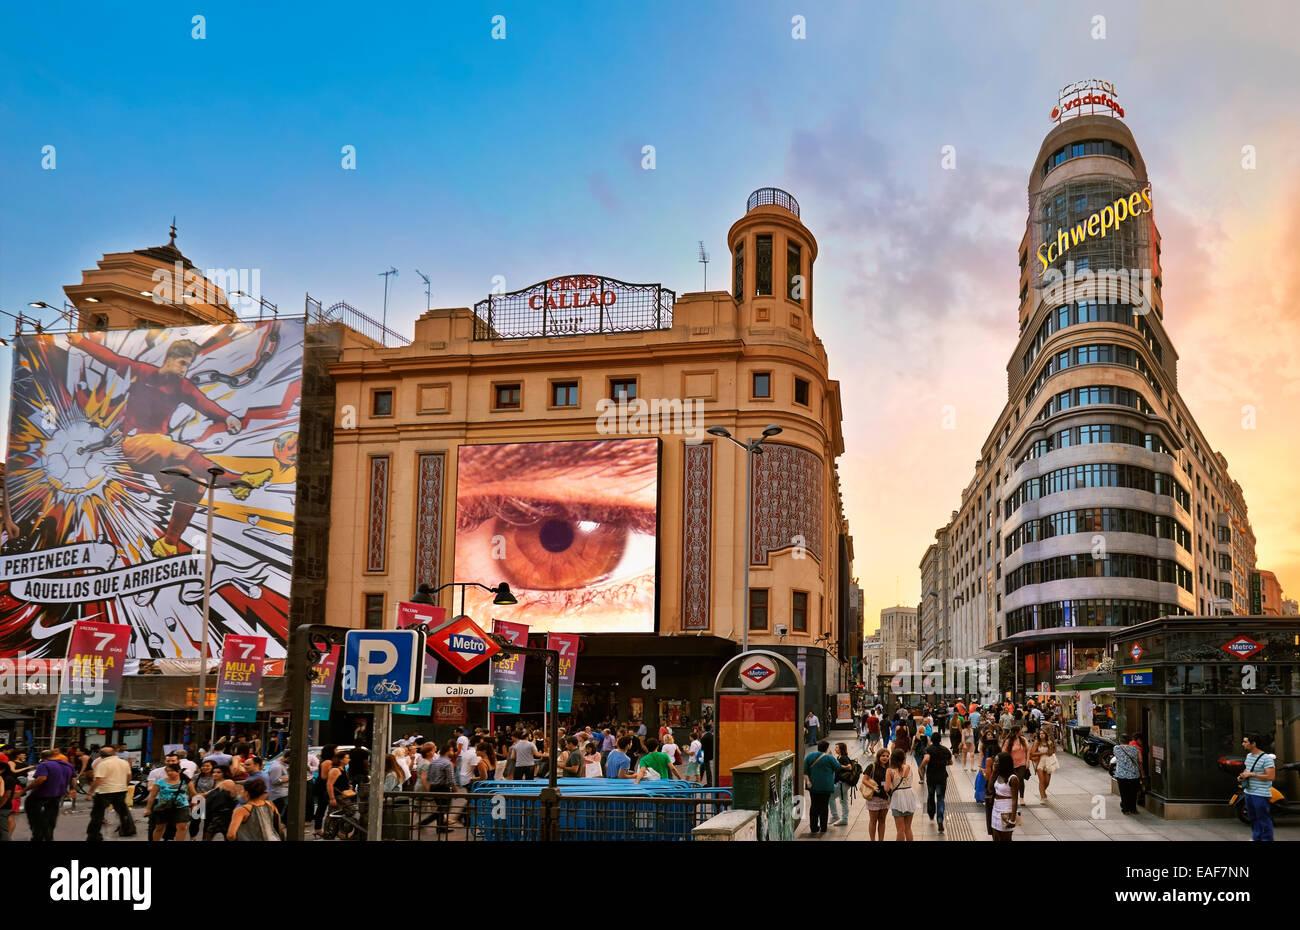 Callao quadratisch mit AAS Gebäude auf der rechten Seite. Madrid. Spanien Stockbild